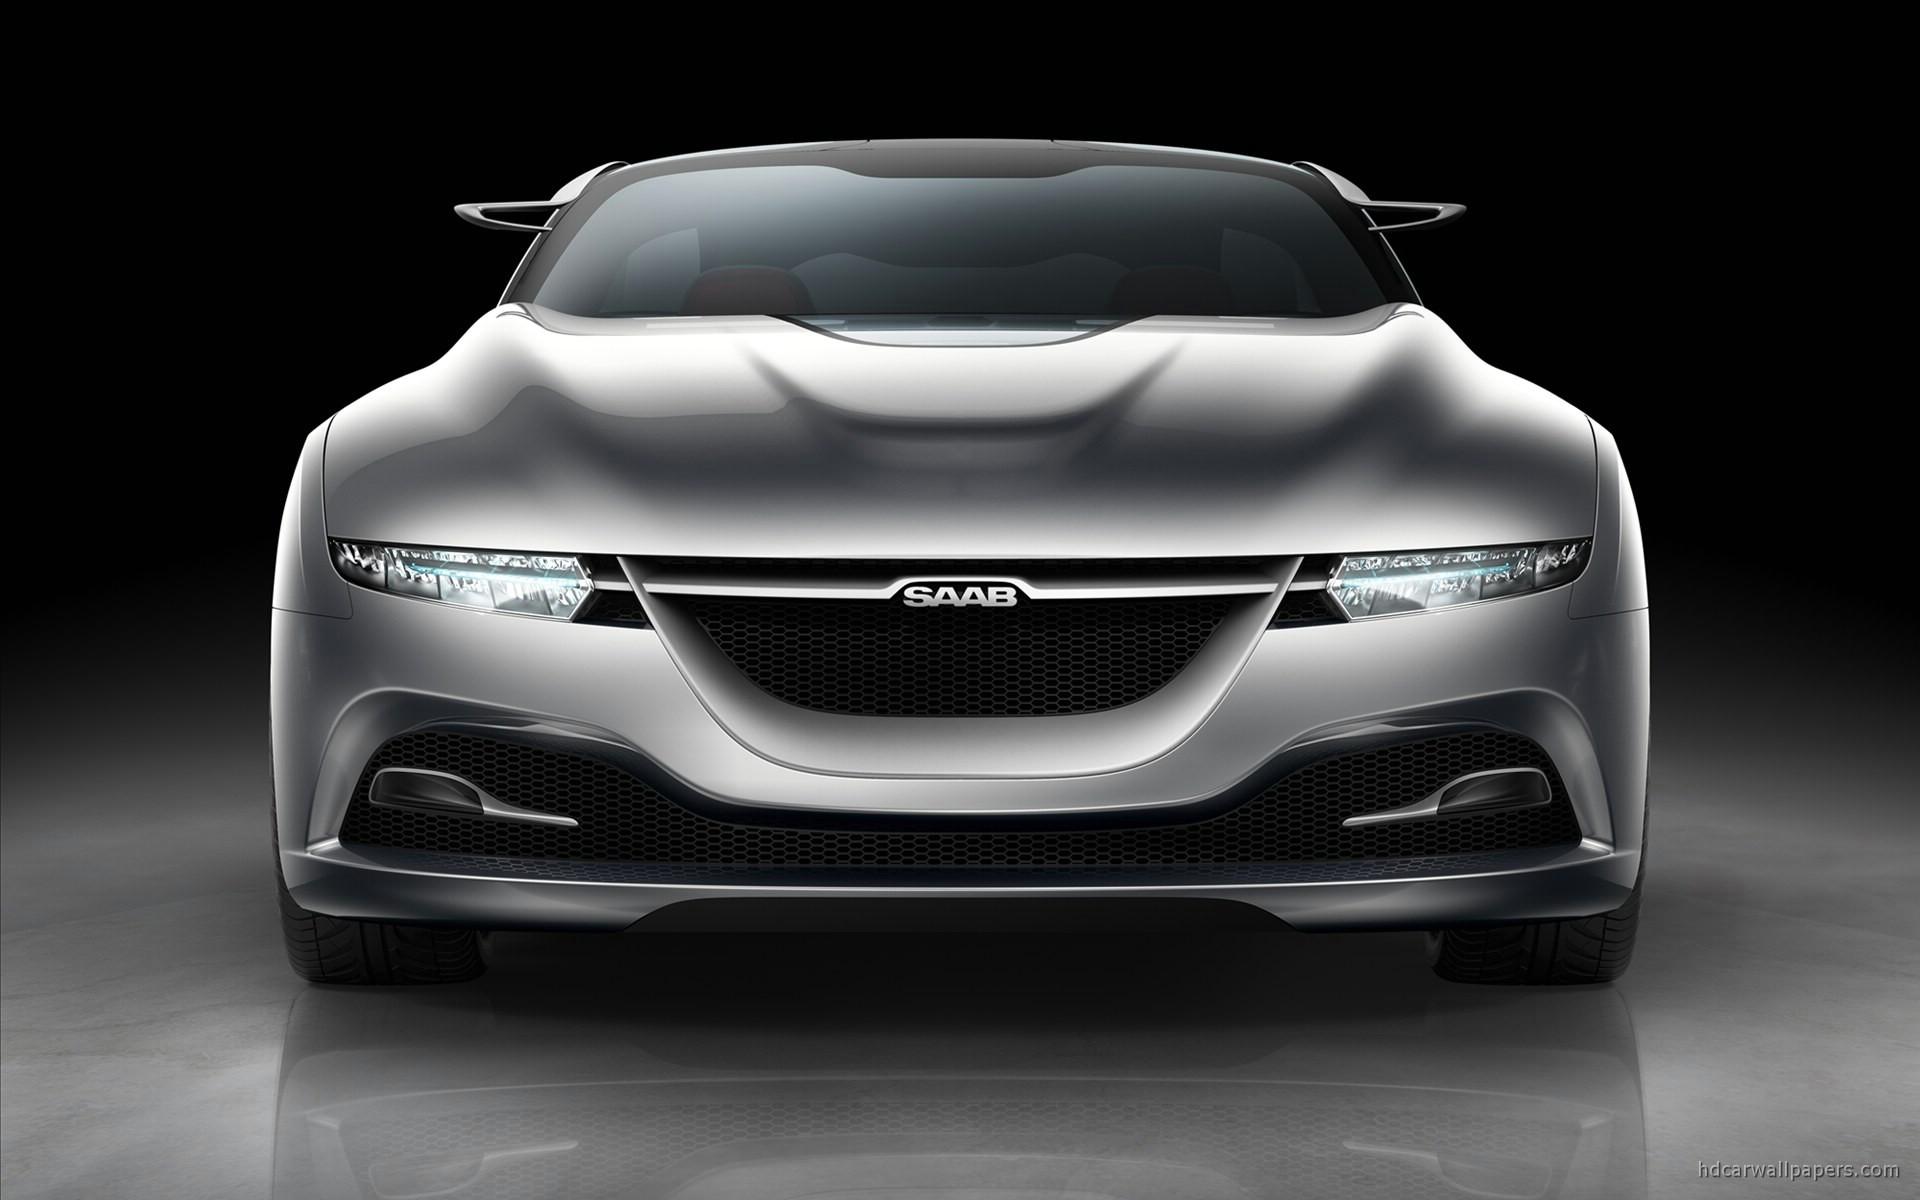 2011 Saab PhoeniX Concept Car Wallpaper | HD Car ...